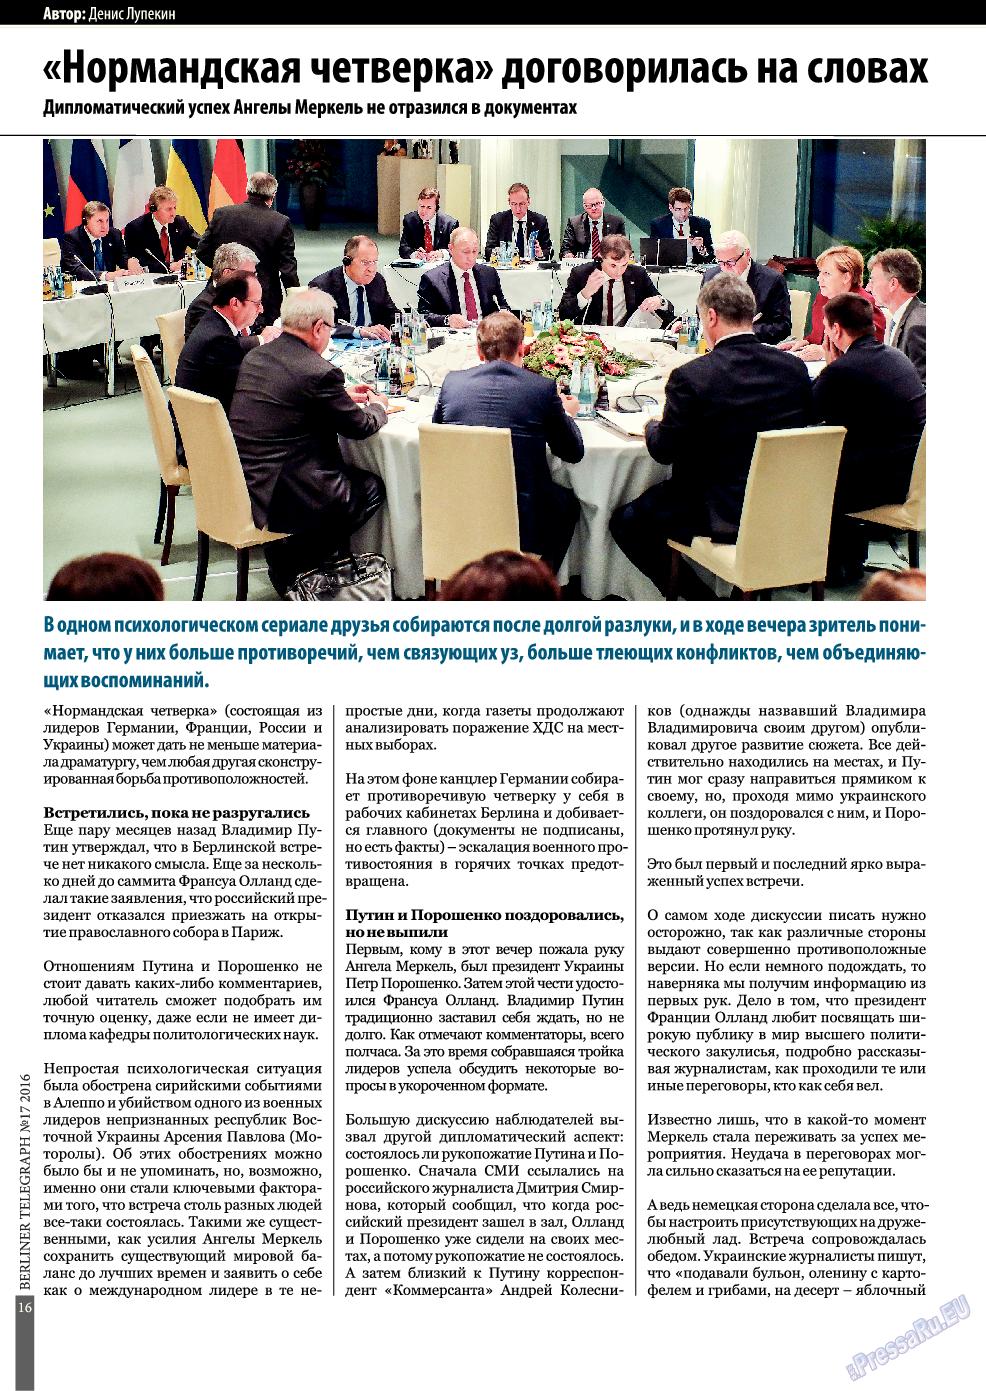 Берлинский телеграф (журнал). 2016 год, номер 17, стр. 16